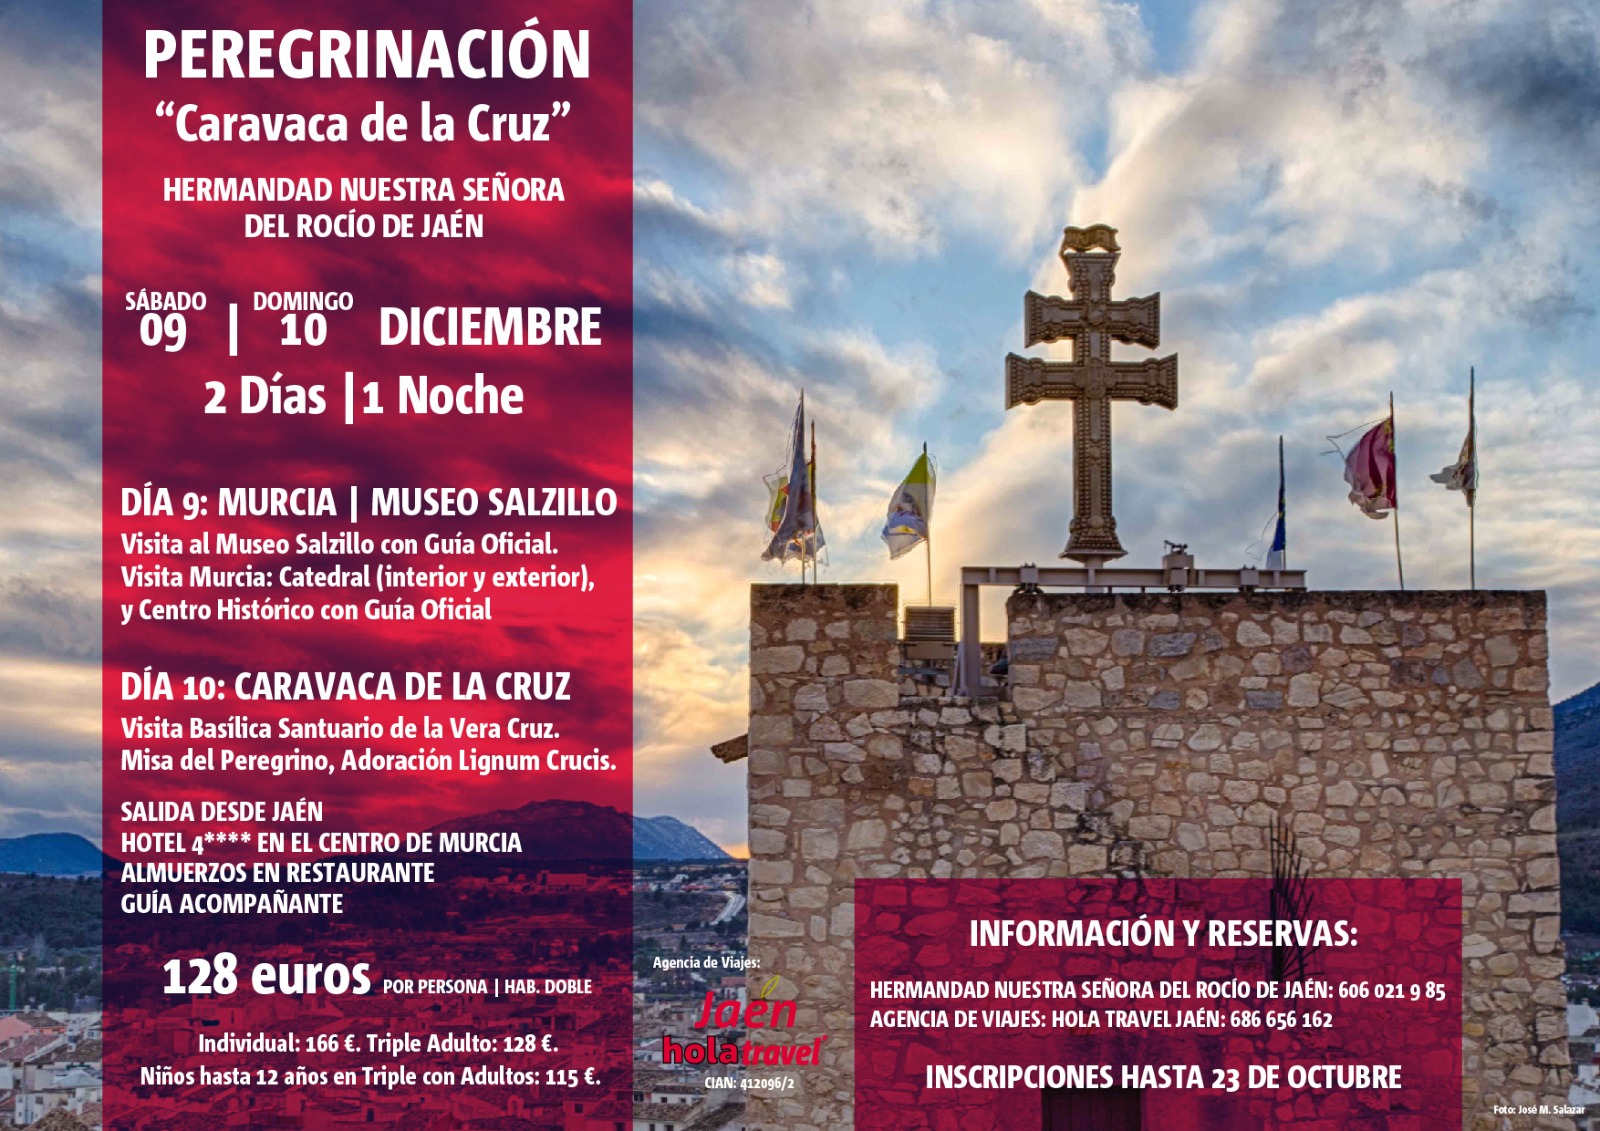 Anulado el Viaje Jubilar Caravaca de la Cruz